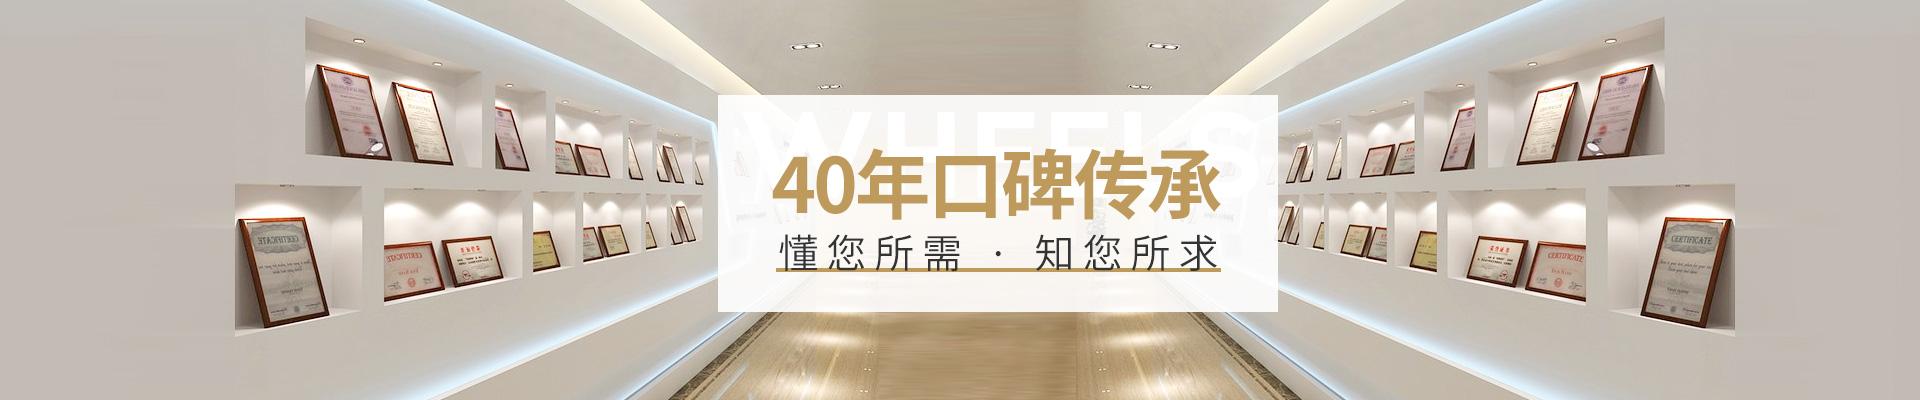 宏信-40年口碑传承